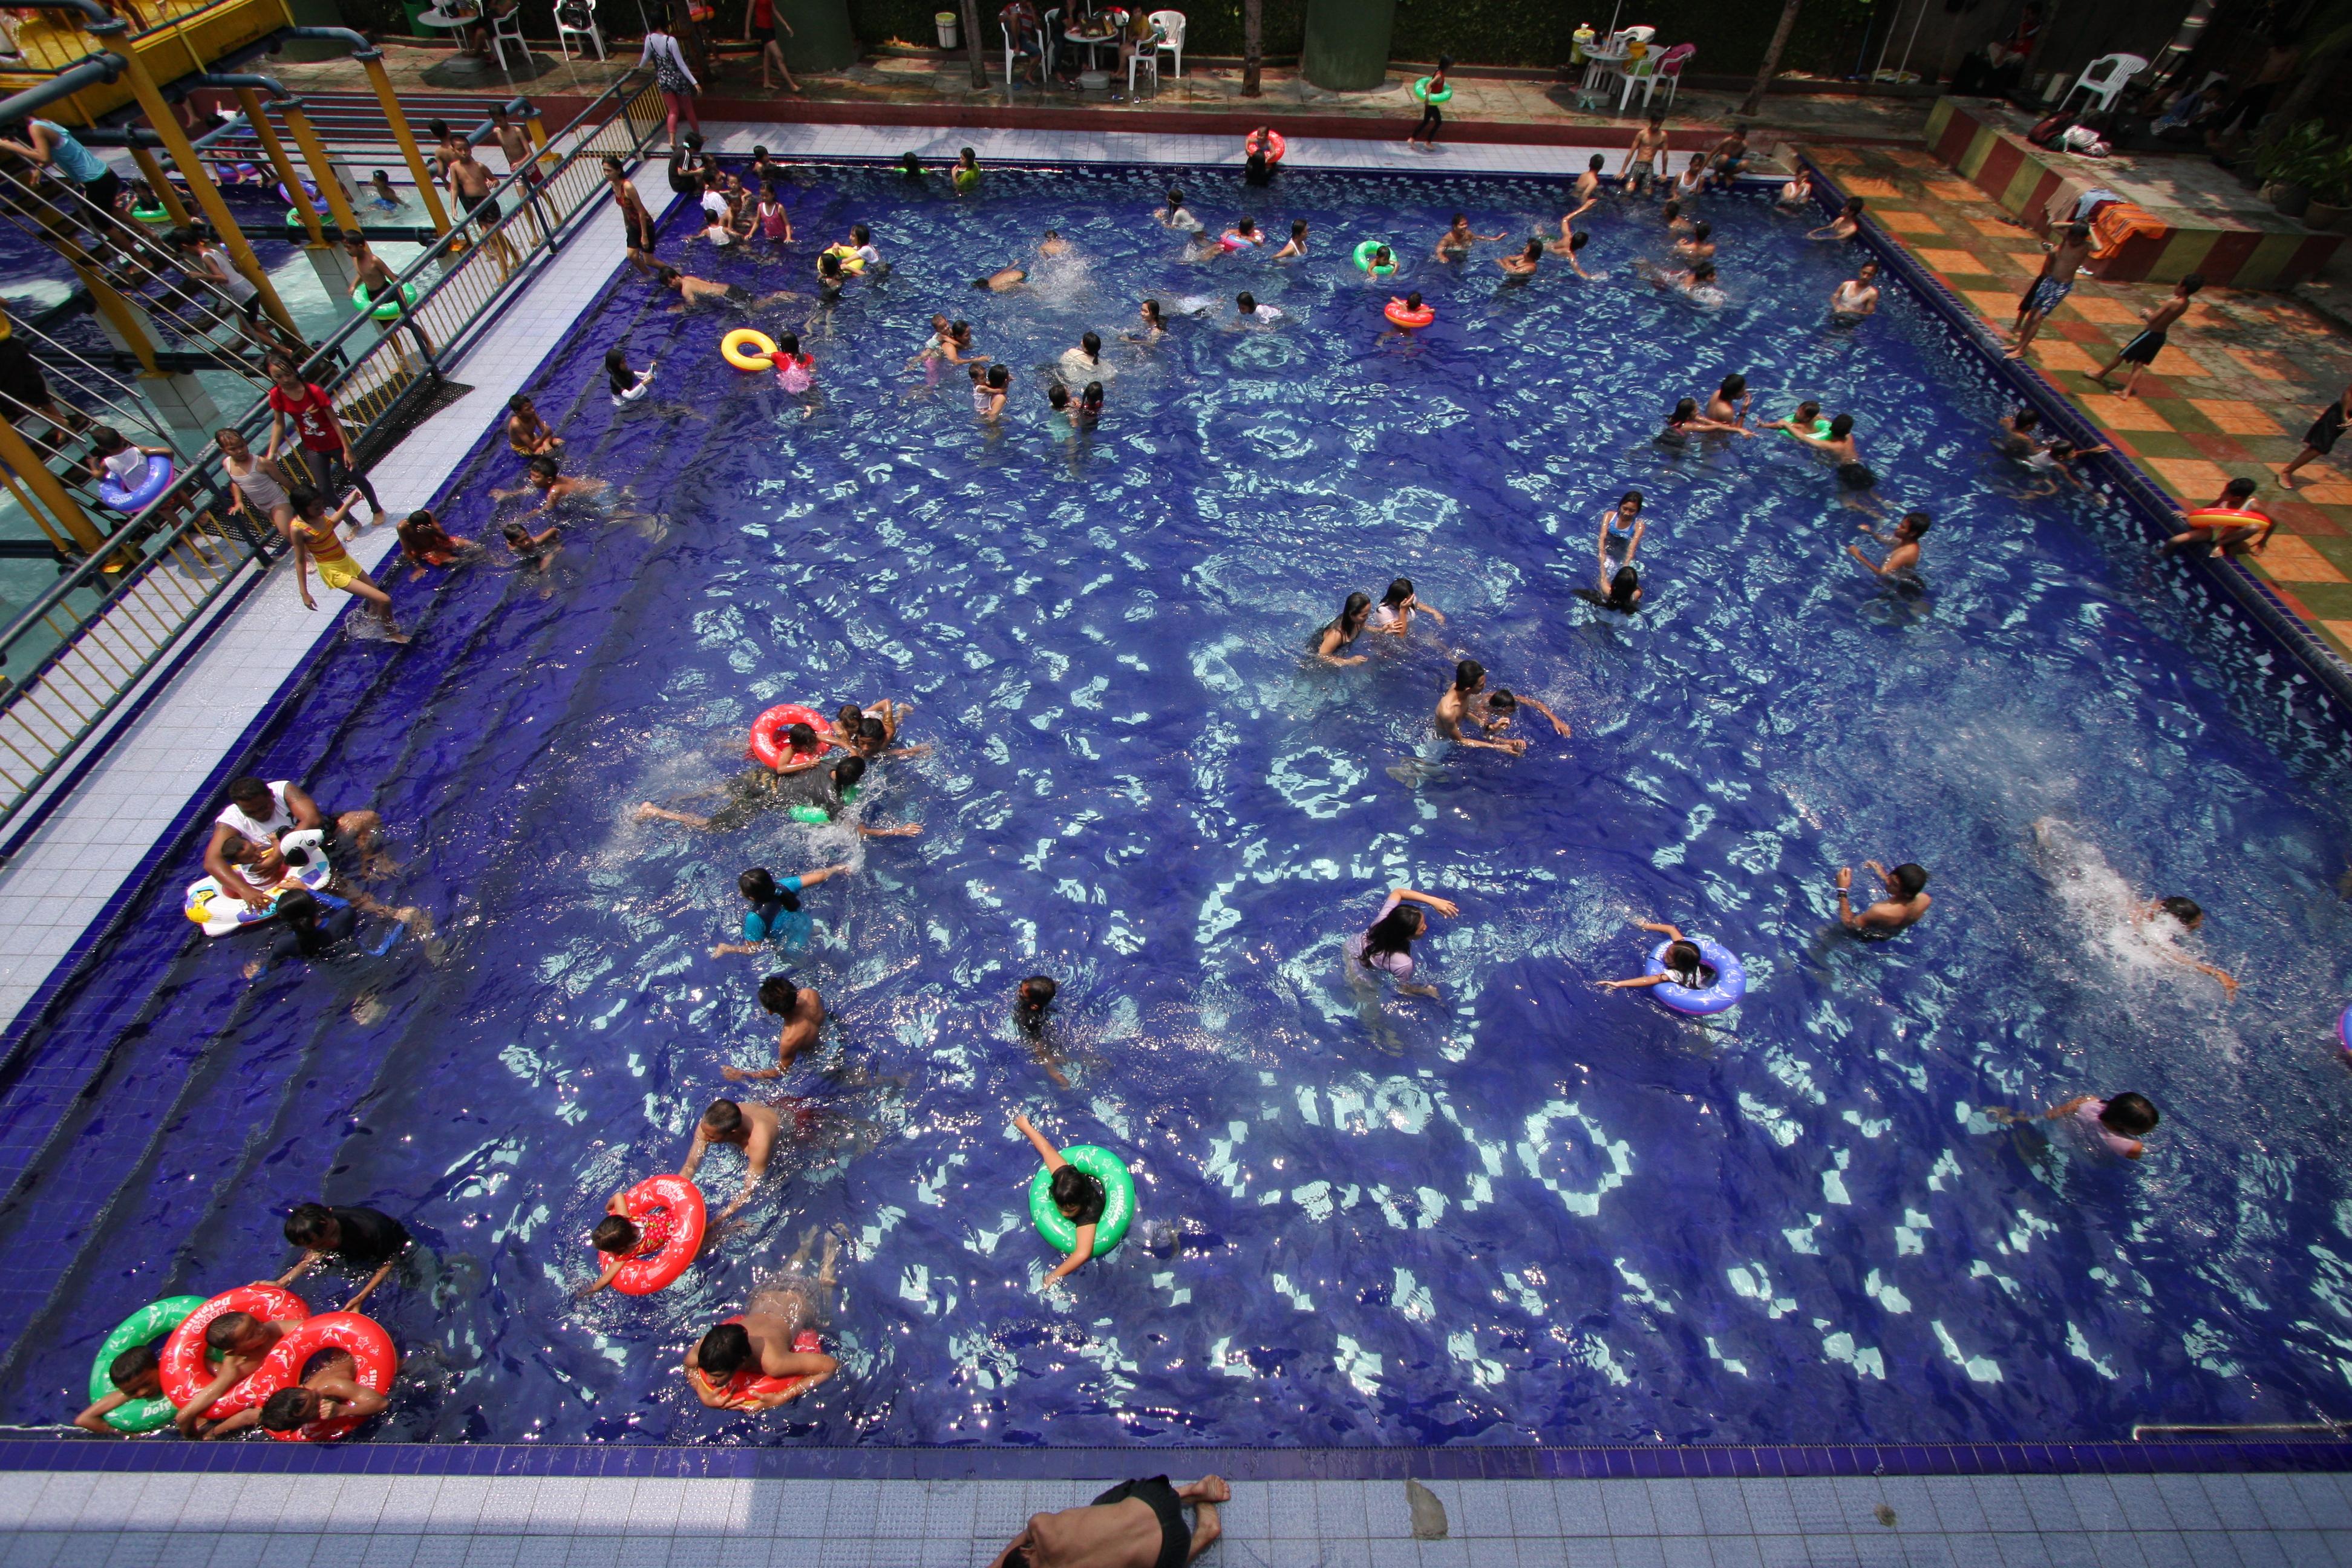 Pondok Wisata Hobihobi Kolam Renang Anak Tersedia Fun Games Dengan Seluncuran Yang Cocok Untuk Dan Wisma Dikelilingi Penginapan